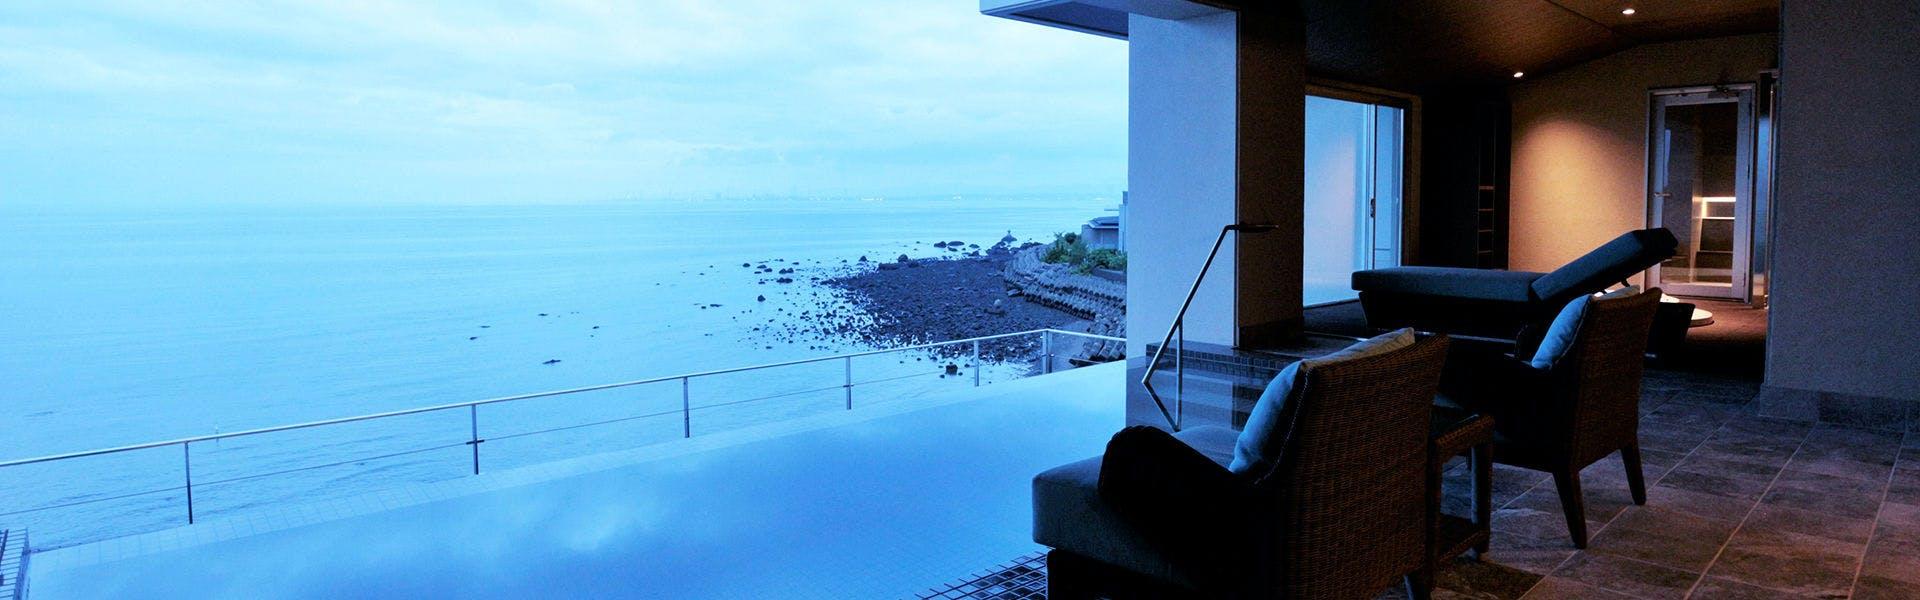 記念日におすすめのホテル・AMANE RESORT SEIKAI(潮騒の宿 晴海)の写真2